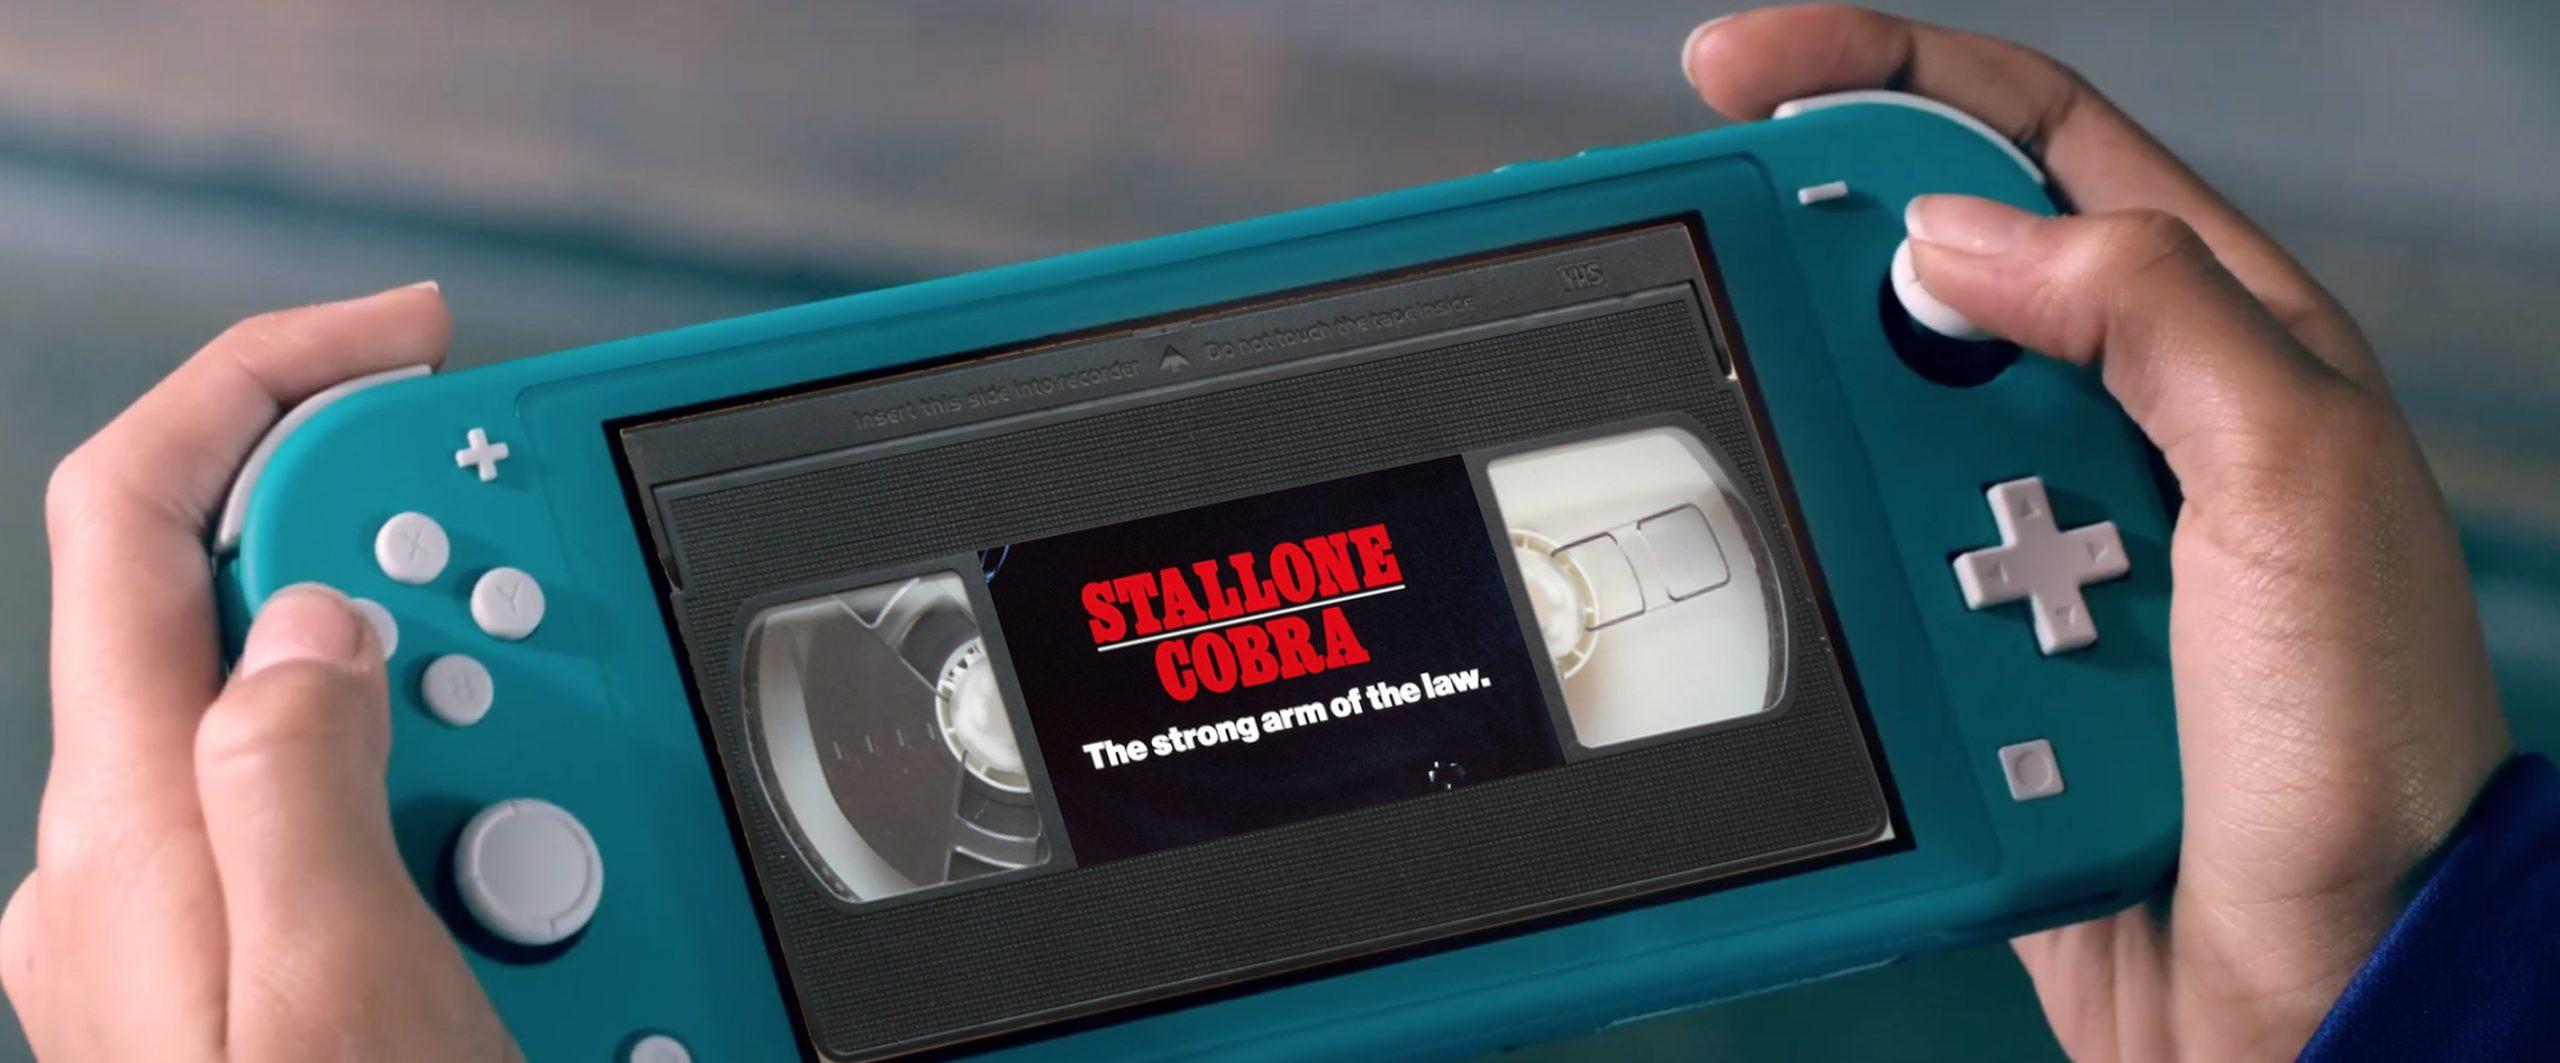 Switch jolas ikonikoak berridazten ditut VHS kasete bat bezala.  Baina ez dut gauza bera nahi PlayStationen 5